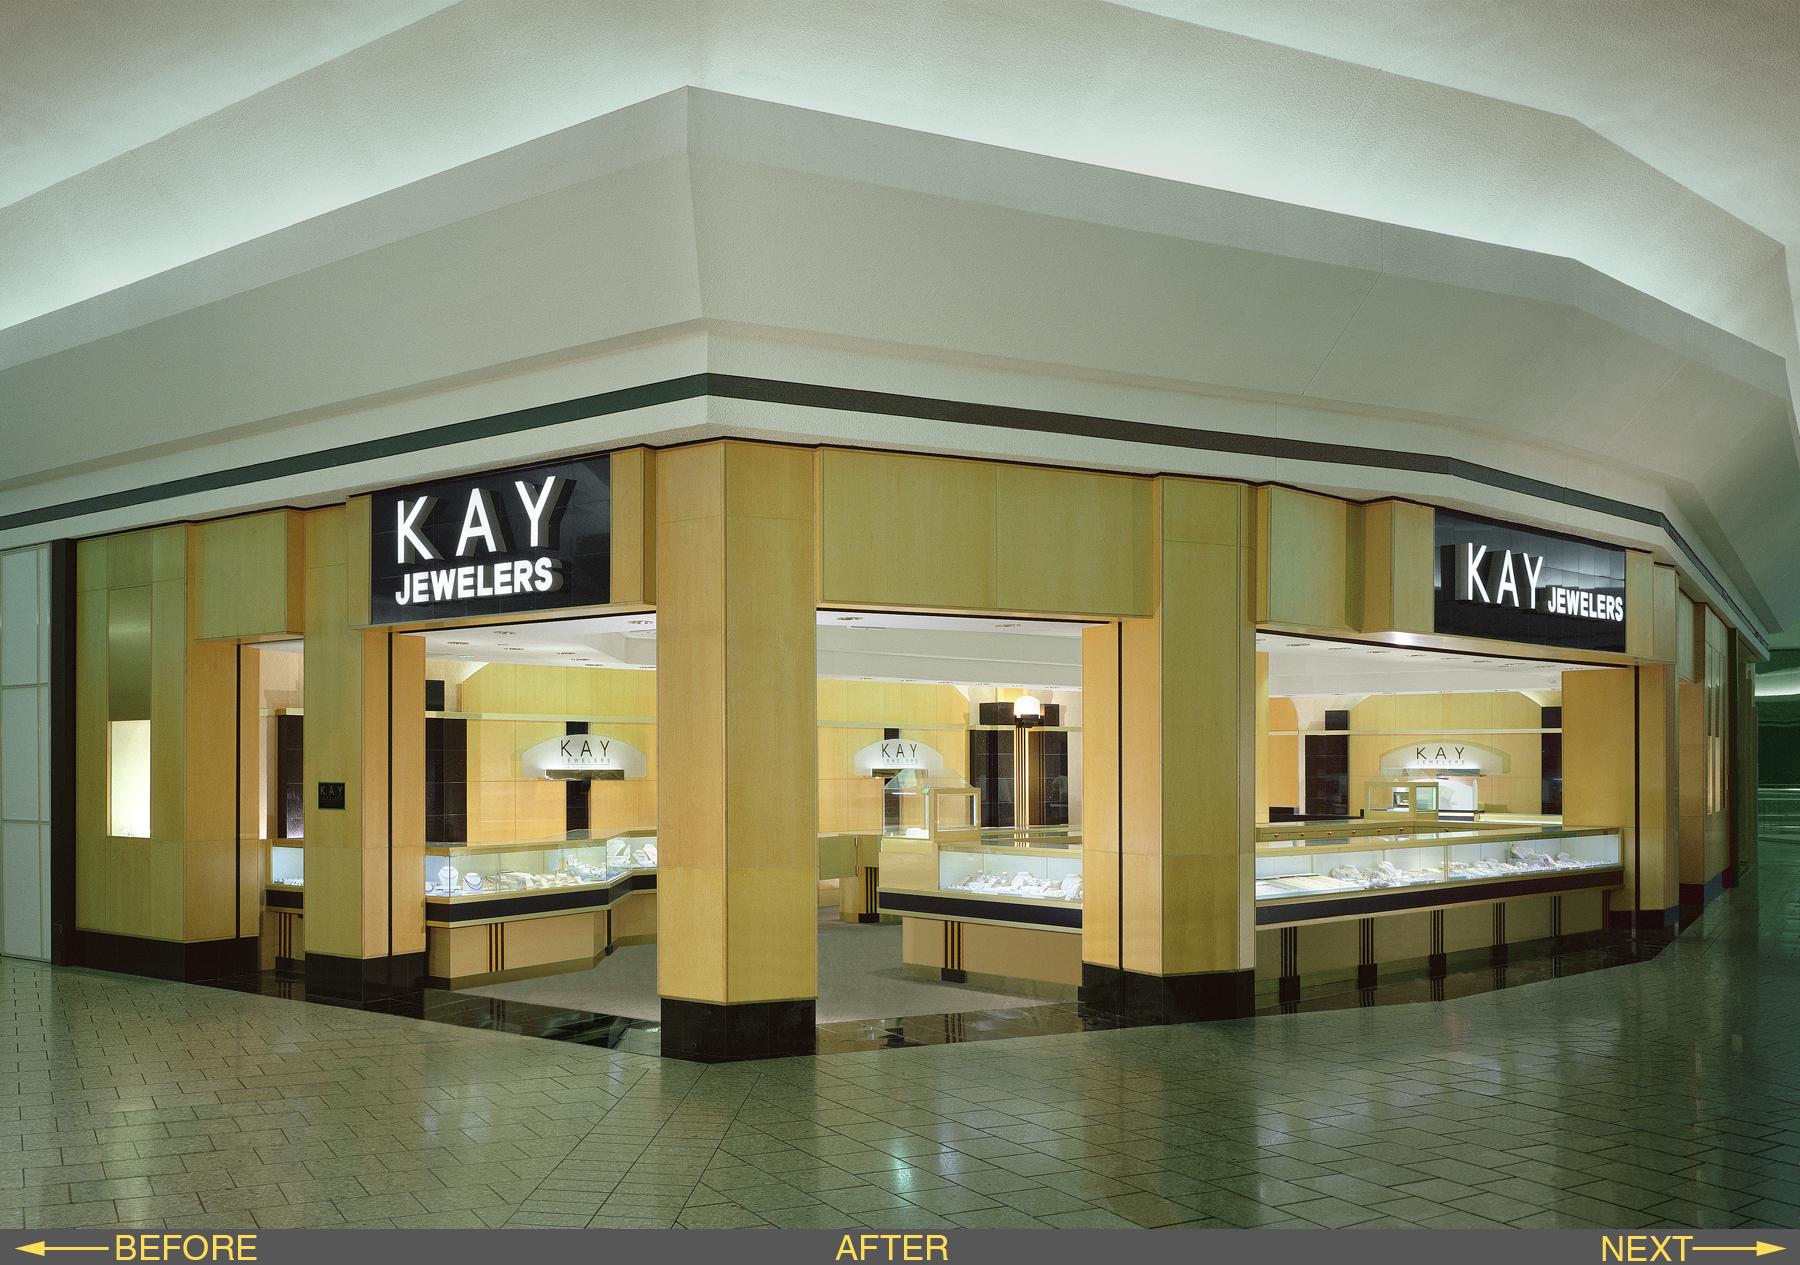 Kay_Jewelers_exterior_after.jpg